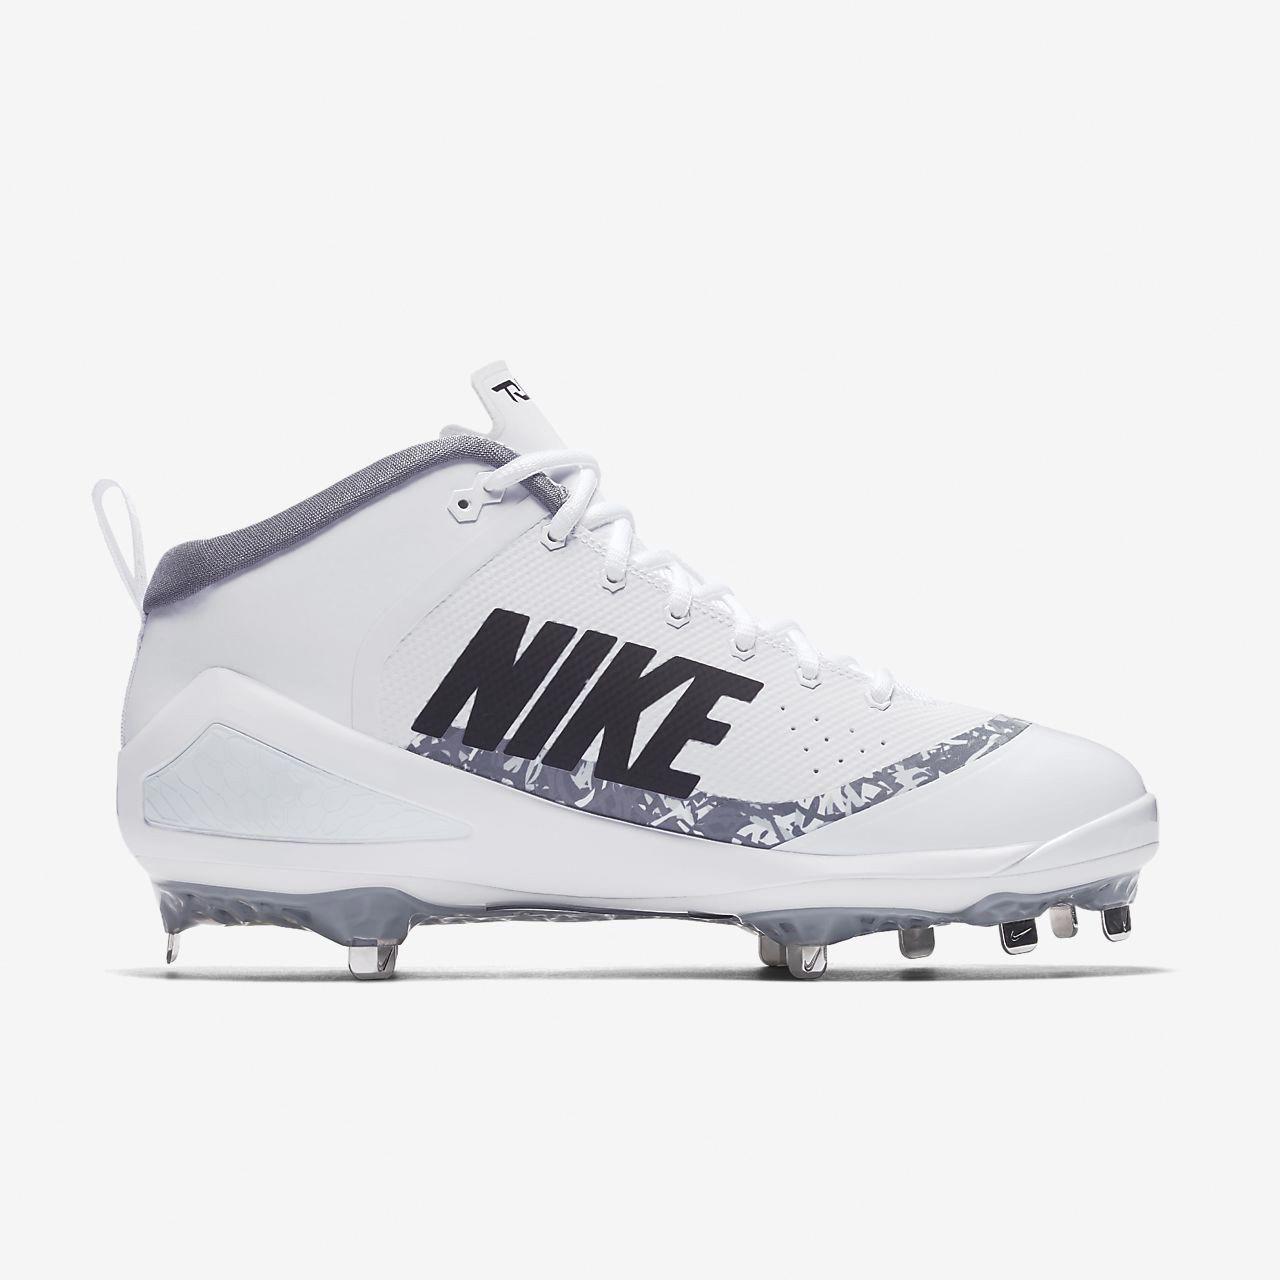 ea3b97f1697e2 Nike Force Zoom Trout 4 Men s Baseball Cleat - 10.5  baseballcleats